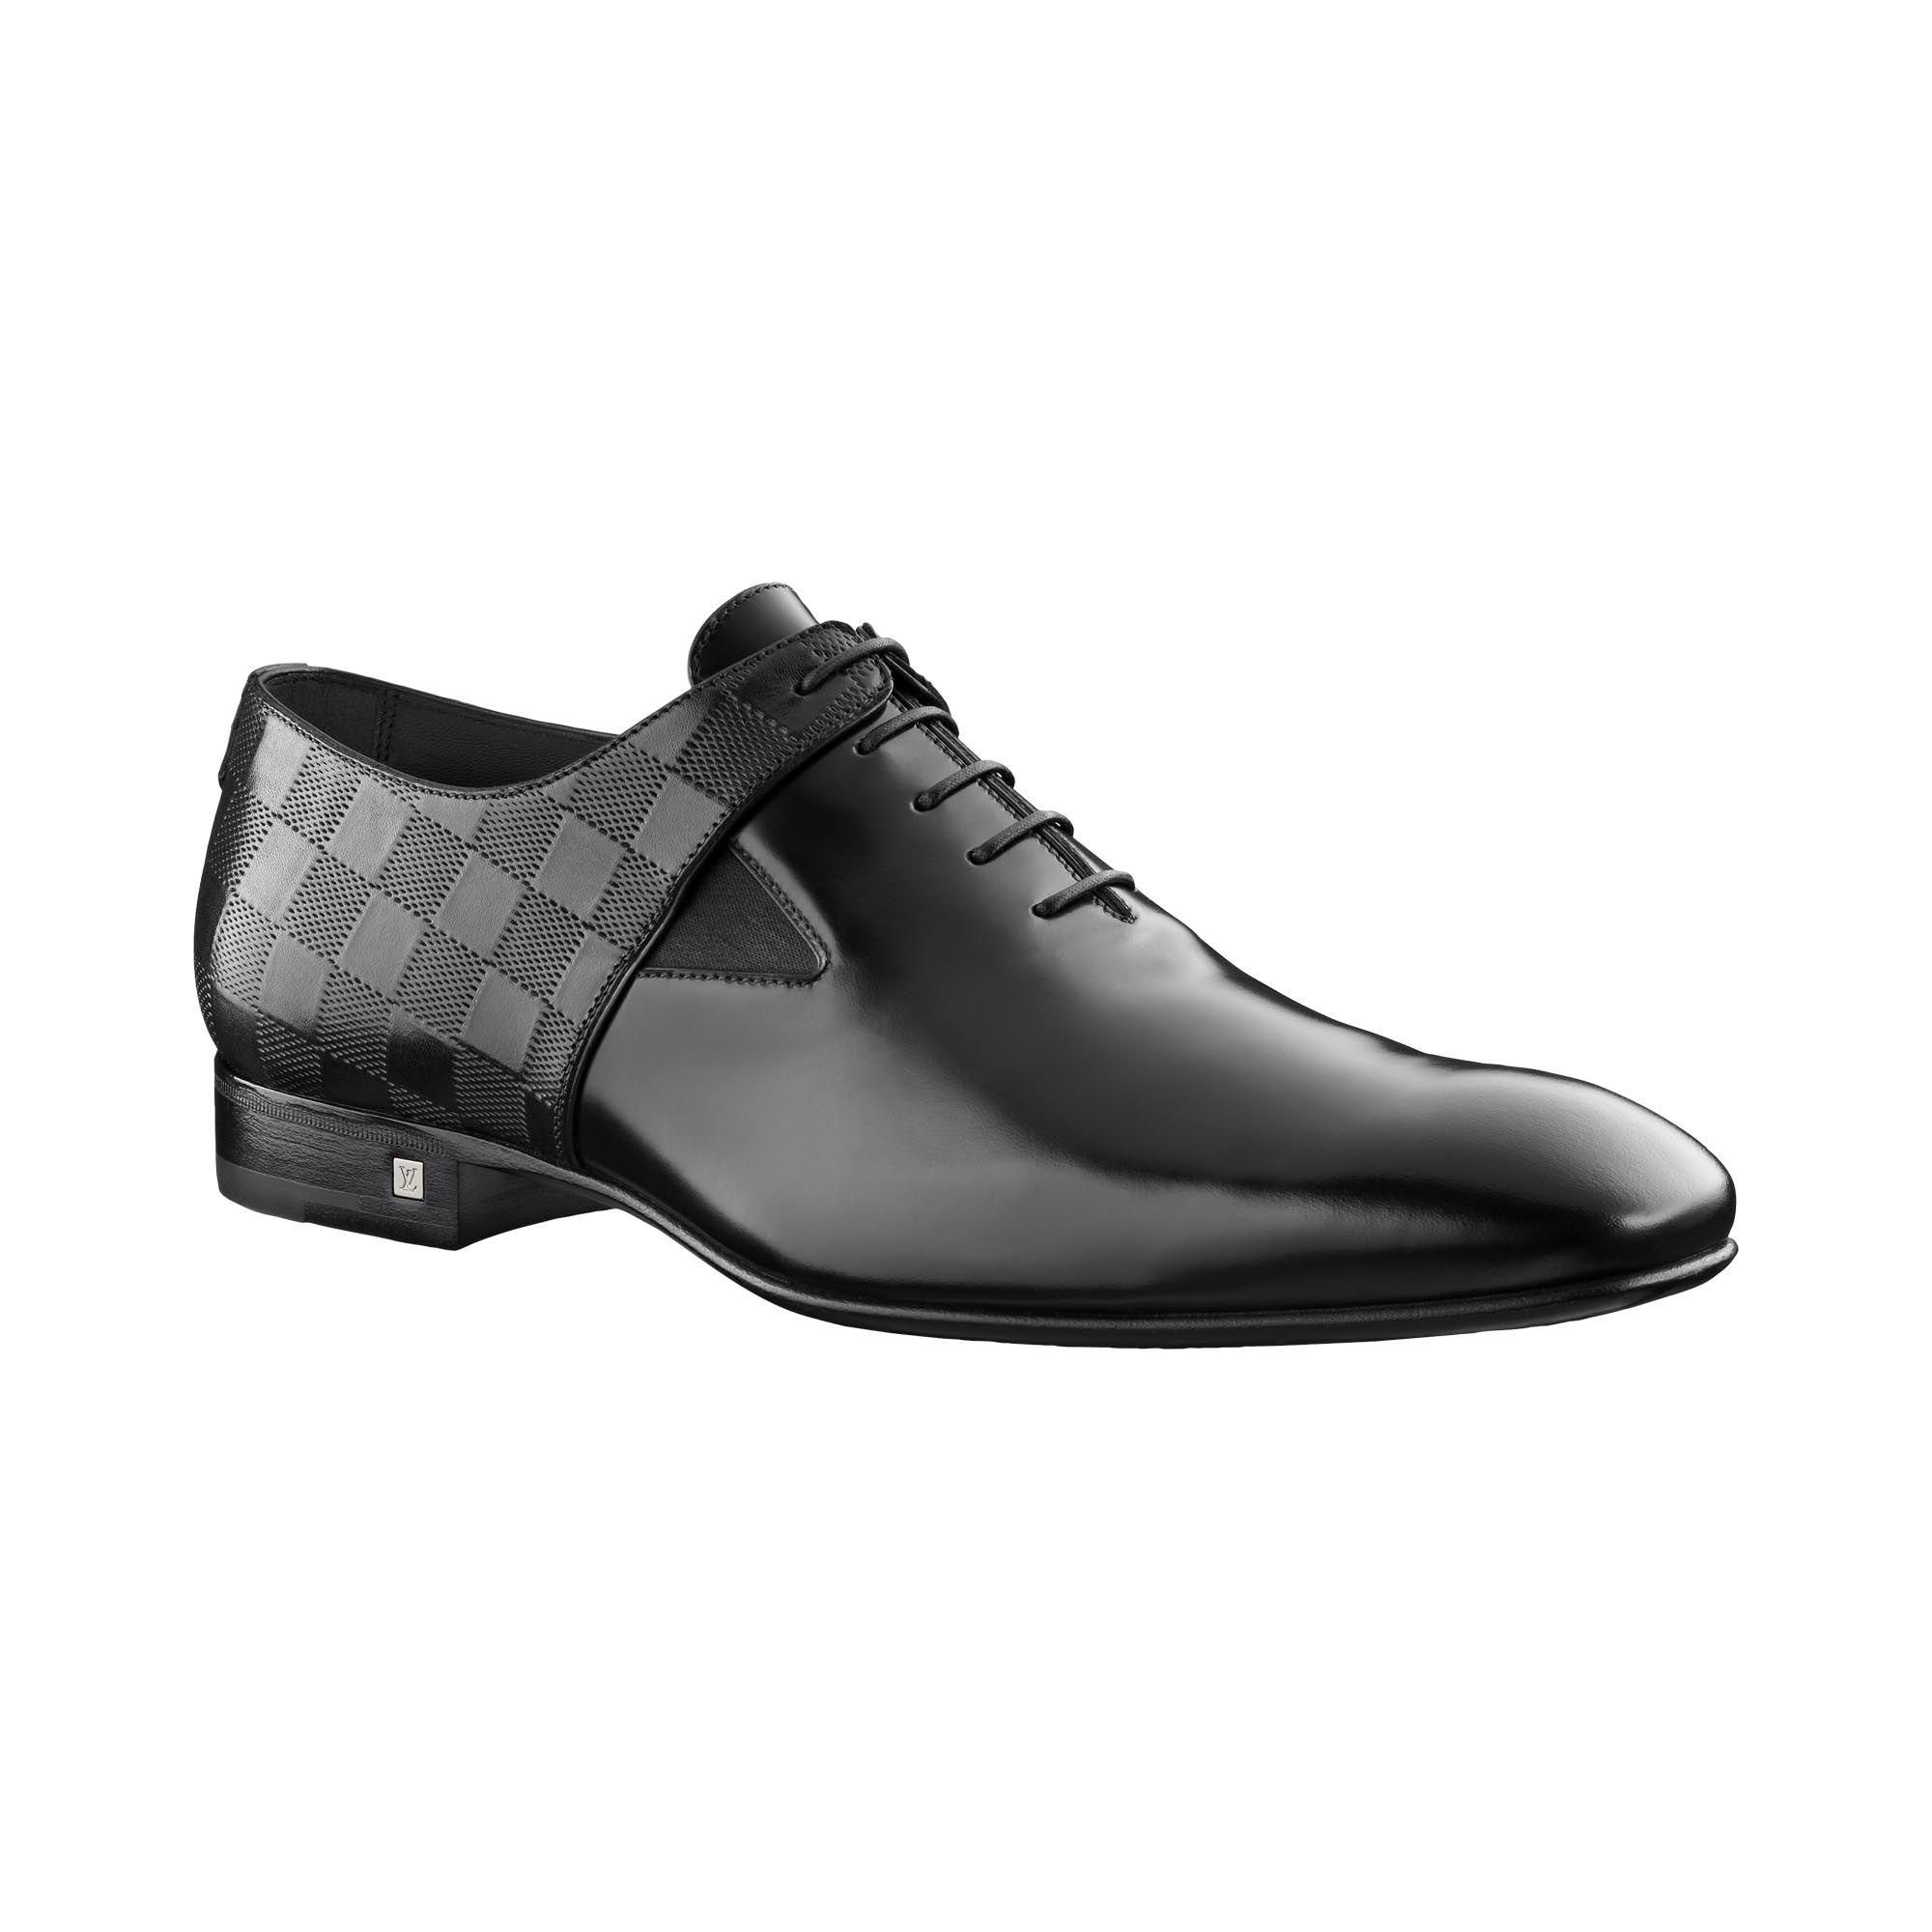 Louis Vuitton Cool Mens Shoes Mens shoes Pinterest Louis